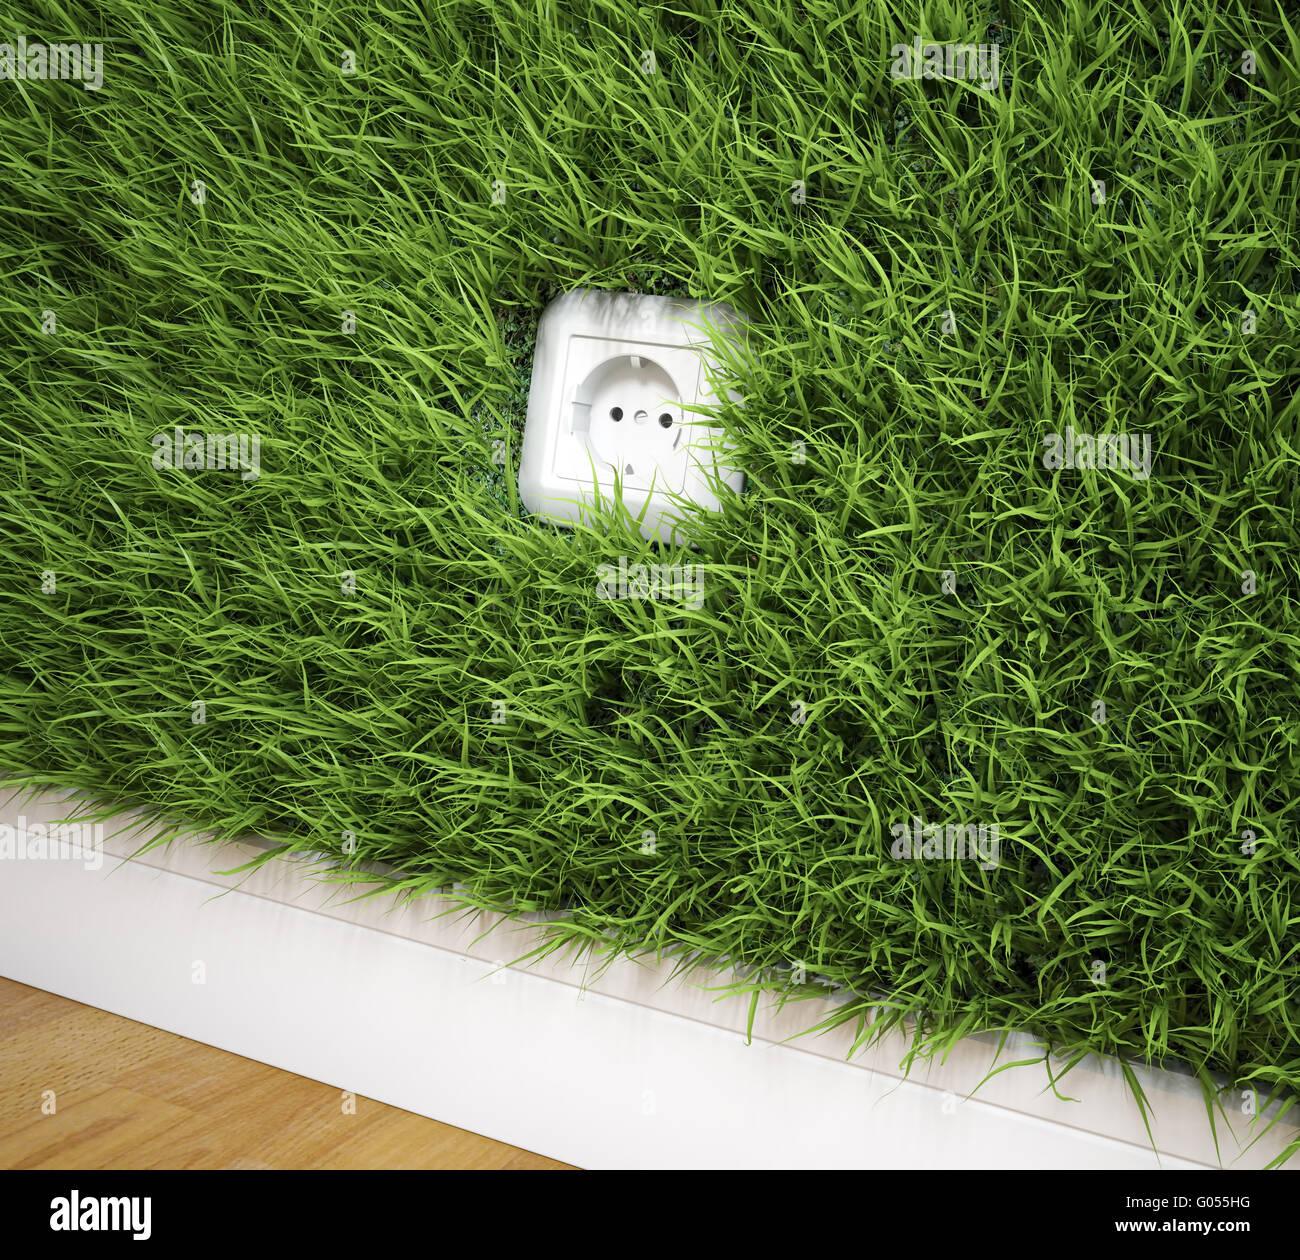 Una toma eléctrica sobre un muro cubierto de hierba Imagen De Stock